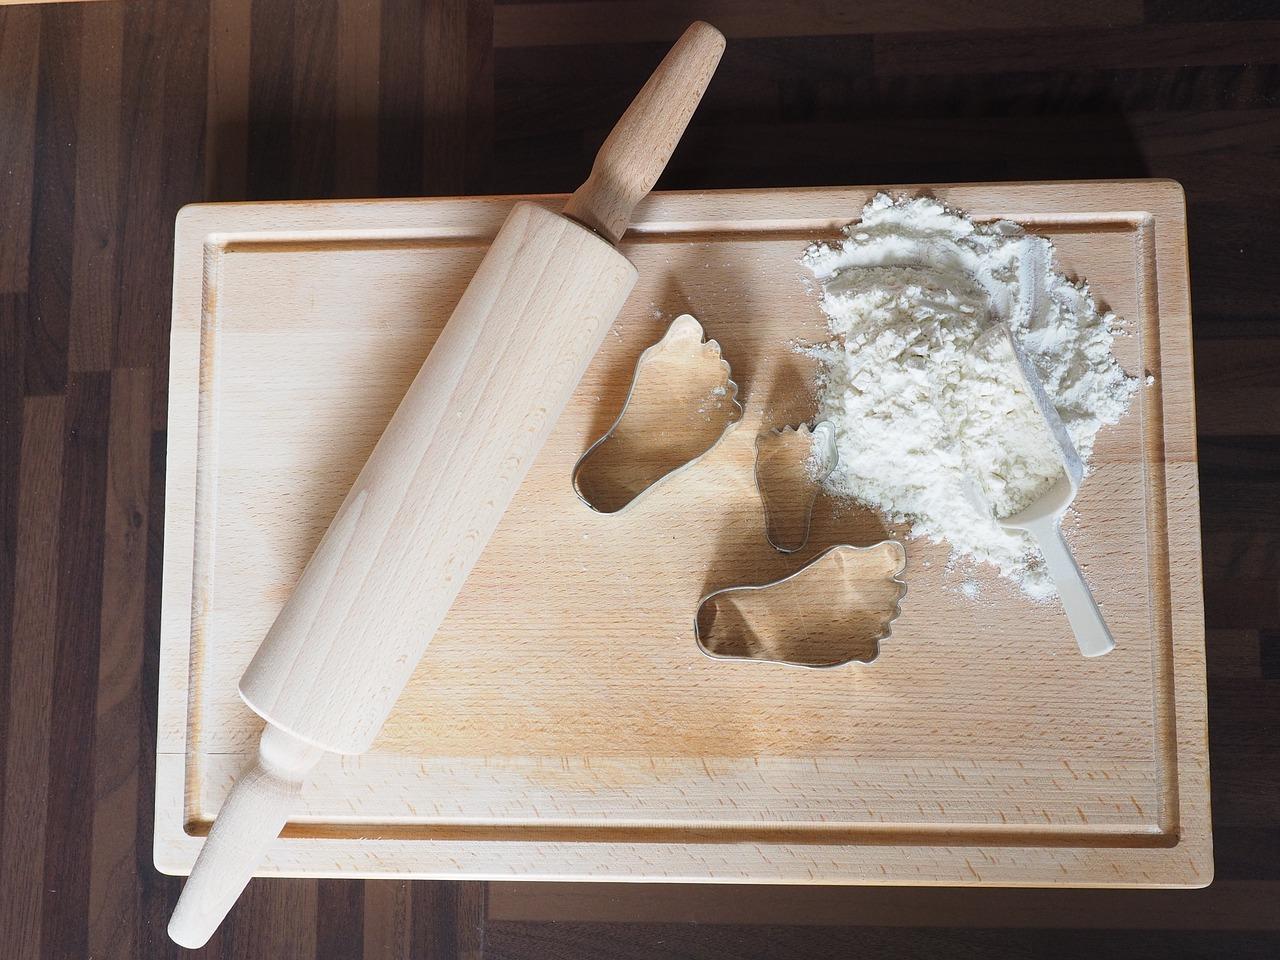 Kokosmehl – eine gesunde und schmackhafte Alternatvie